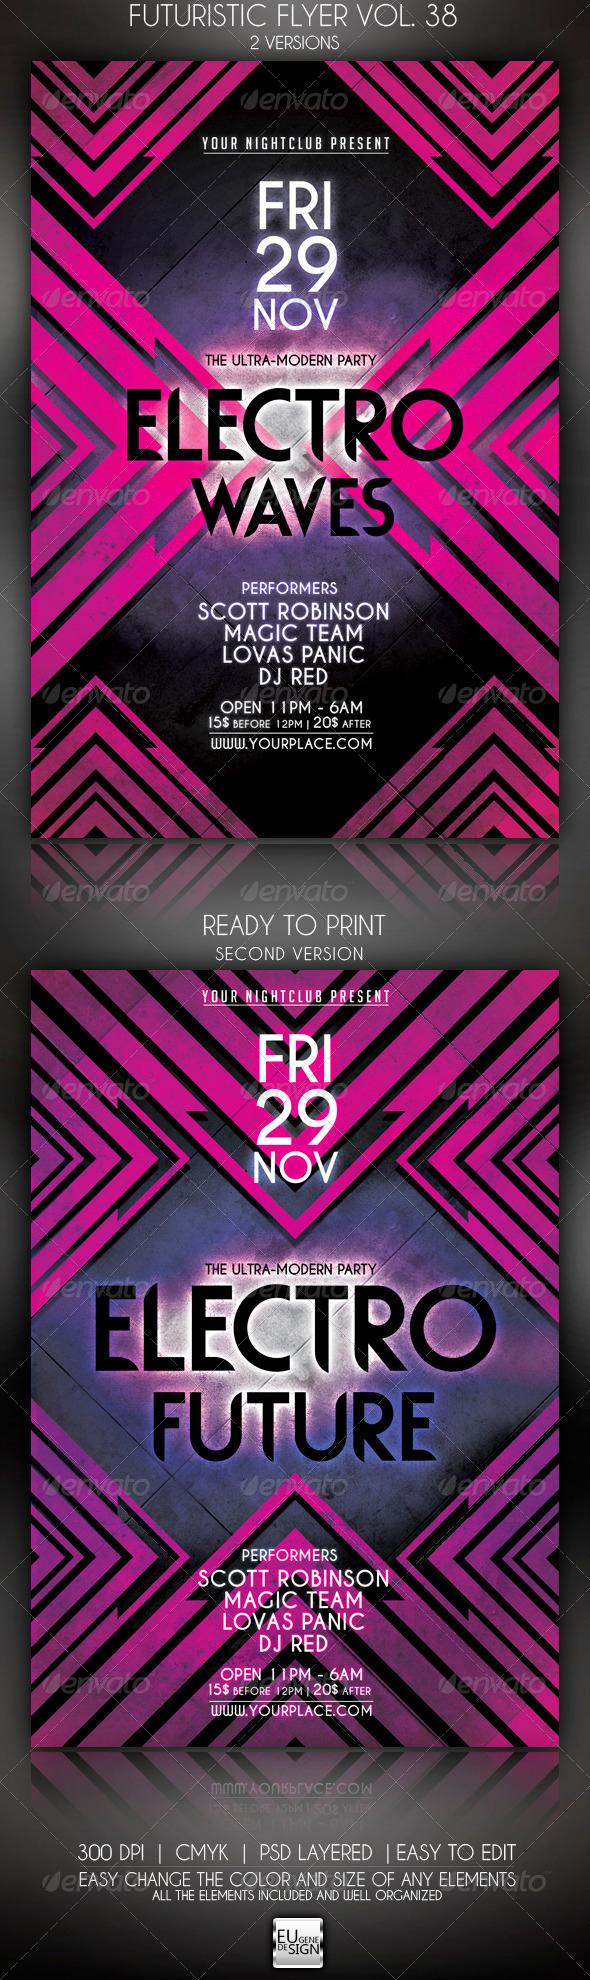 GraphicRiver Futuristic Flyer Vol 38 5999989